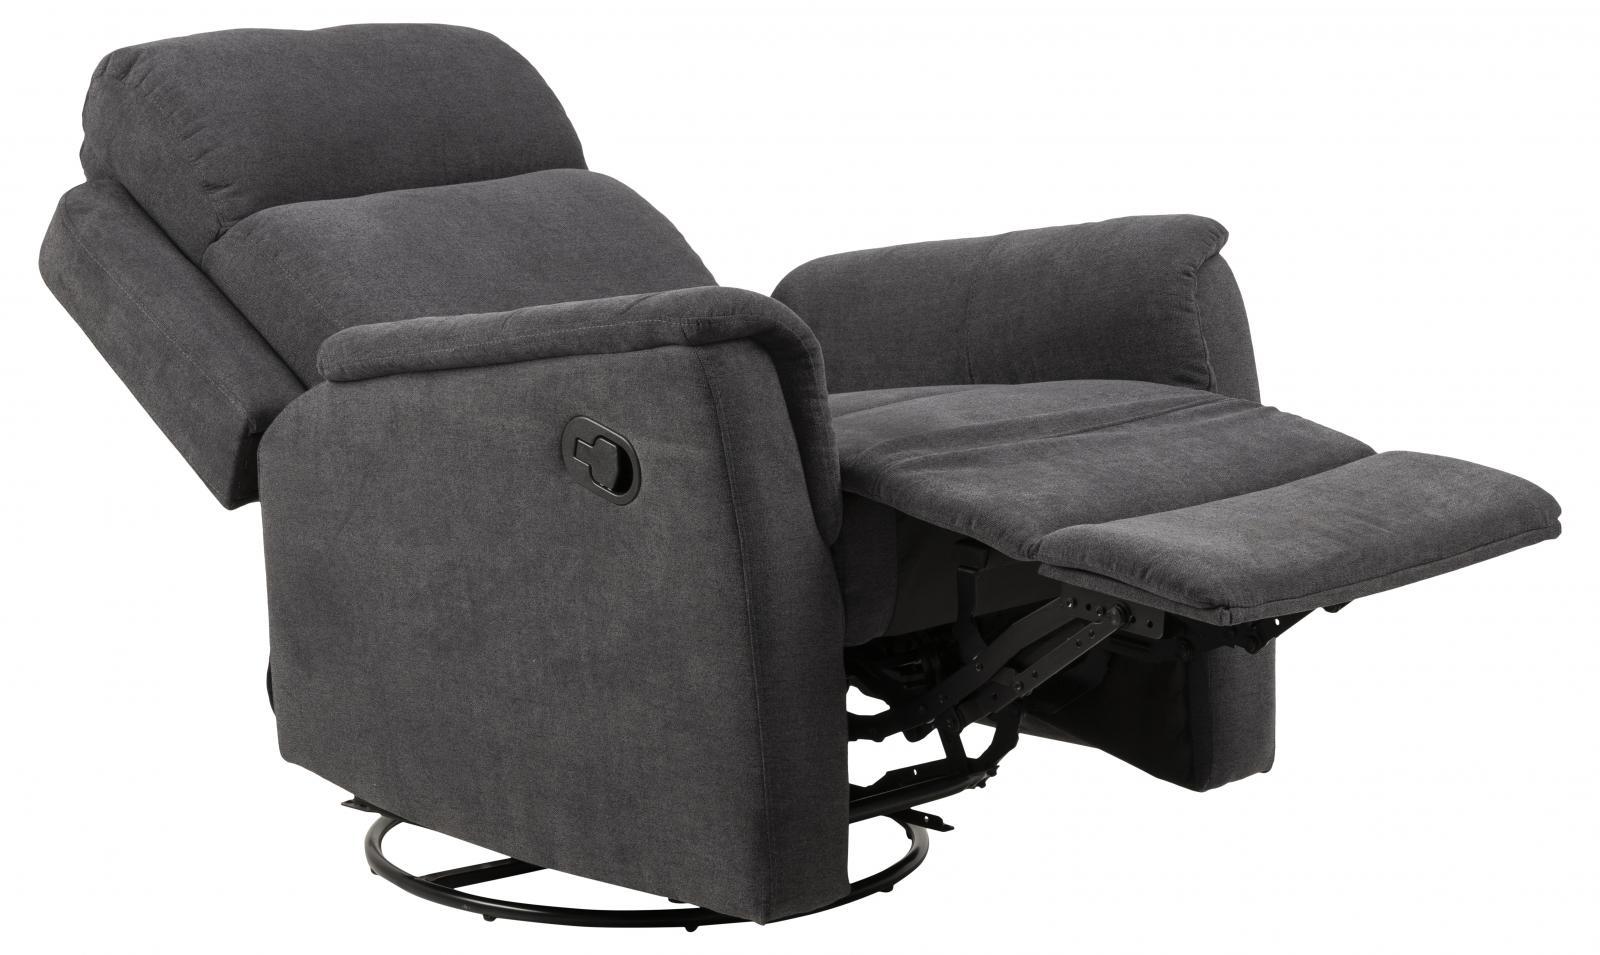 Fotel Actona Tornio funkcja relaksu